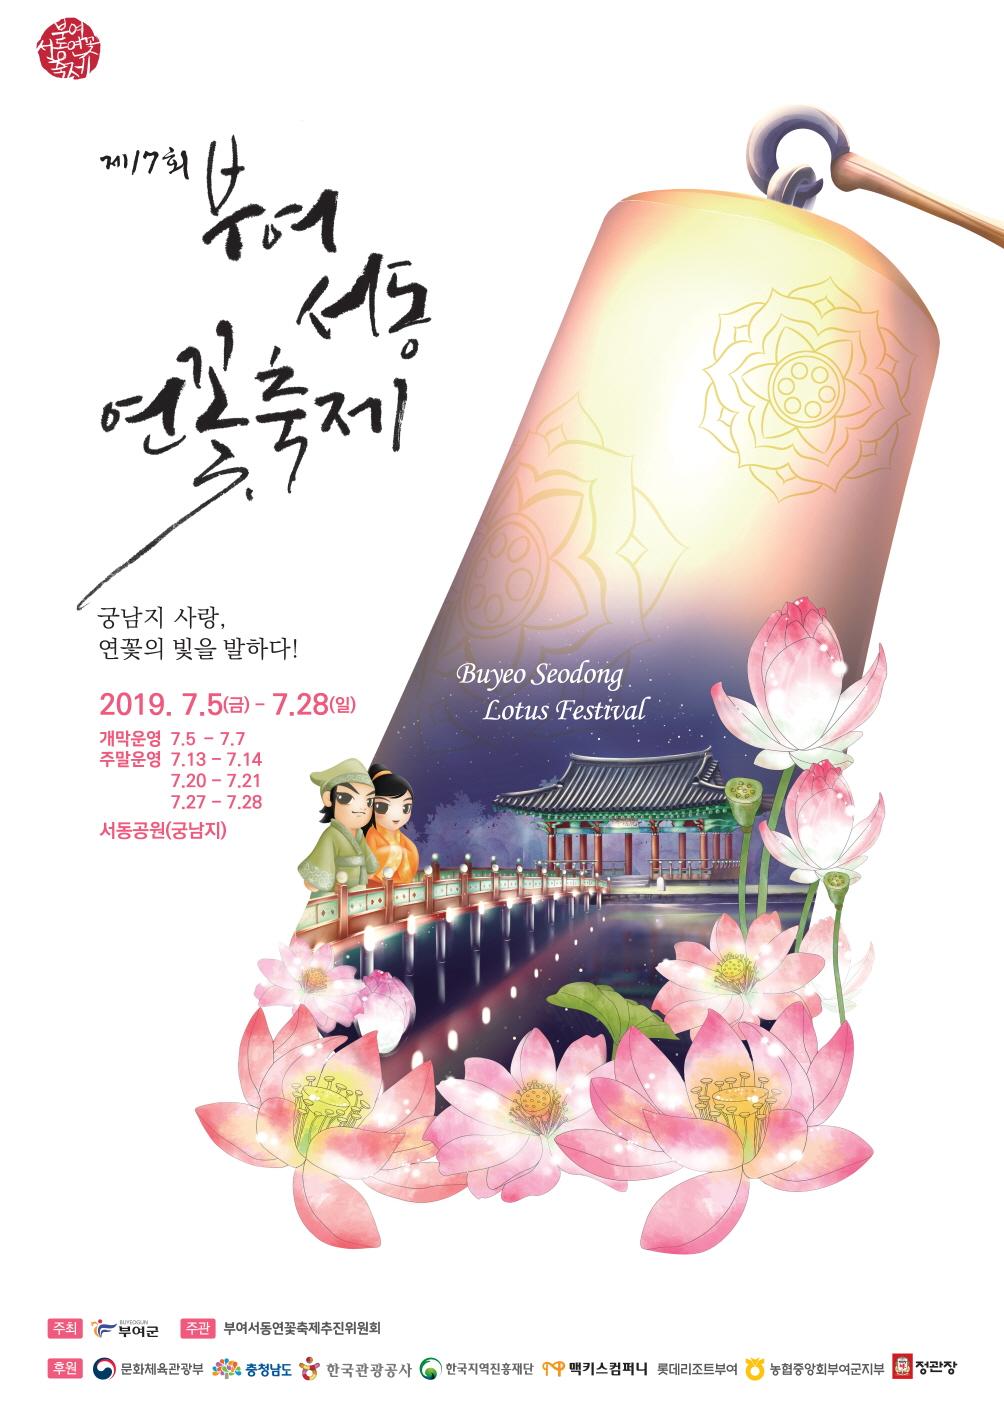 제17회 부여서동연꽃축제  포스터.jpg